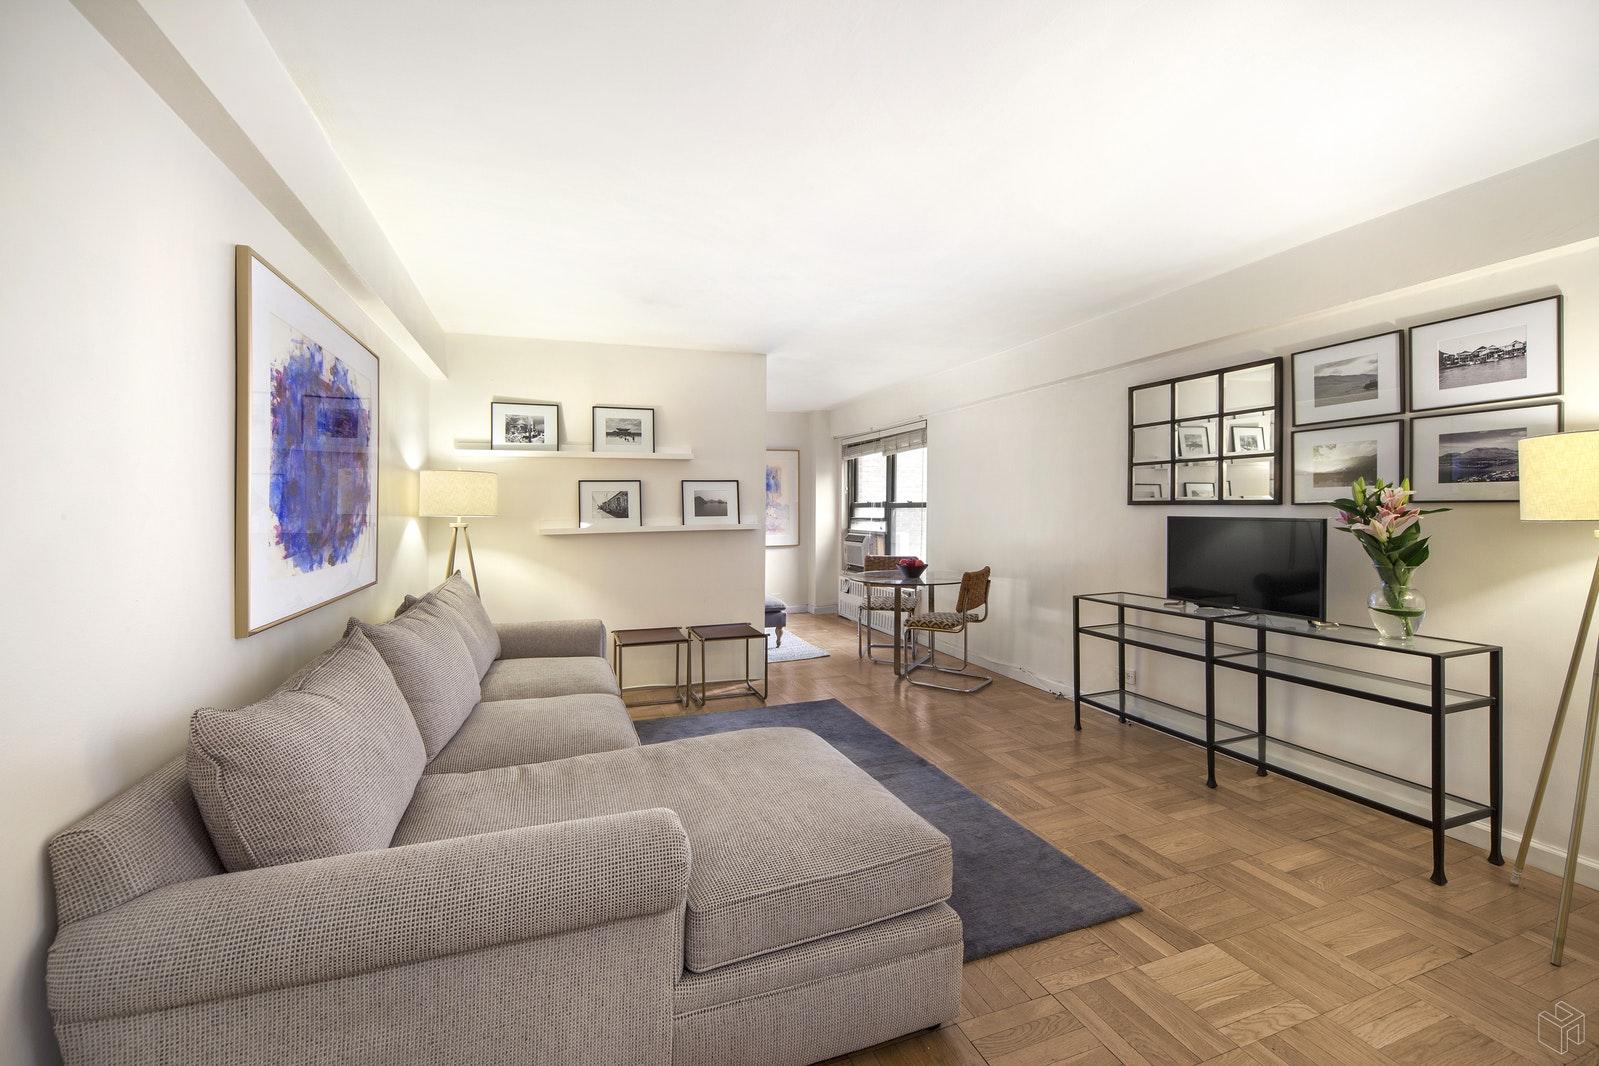 54 WEST 16TH STREET 4J, Chelsea, $530,000, Web #: 19182767